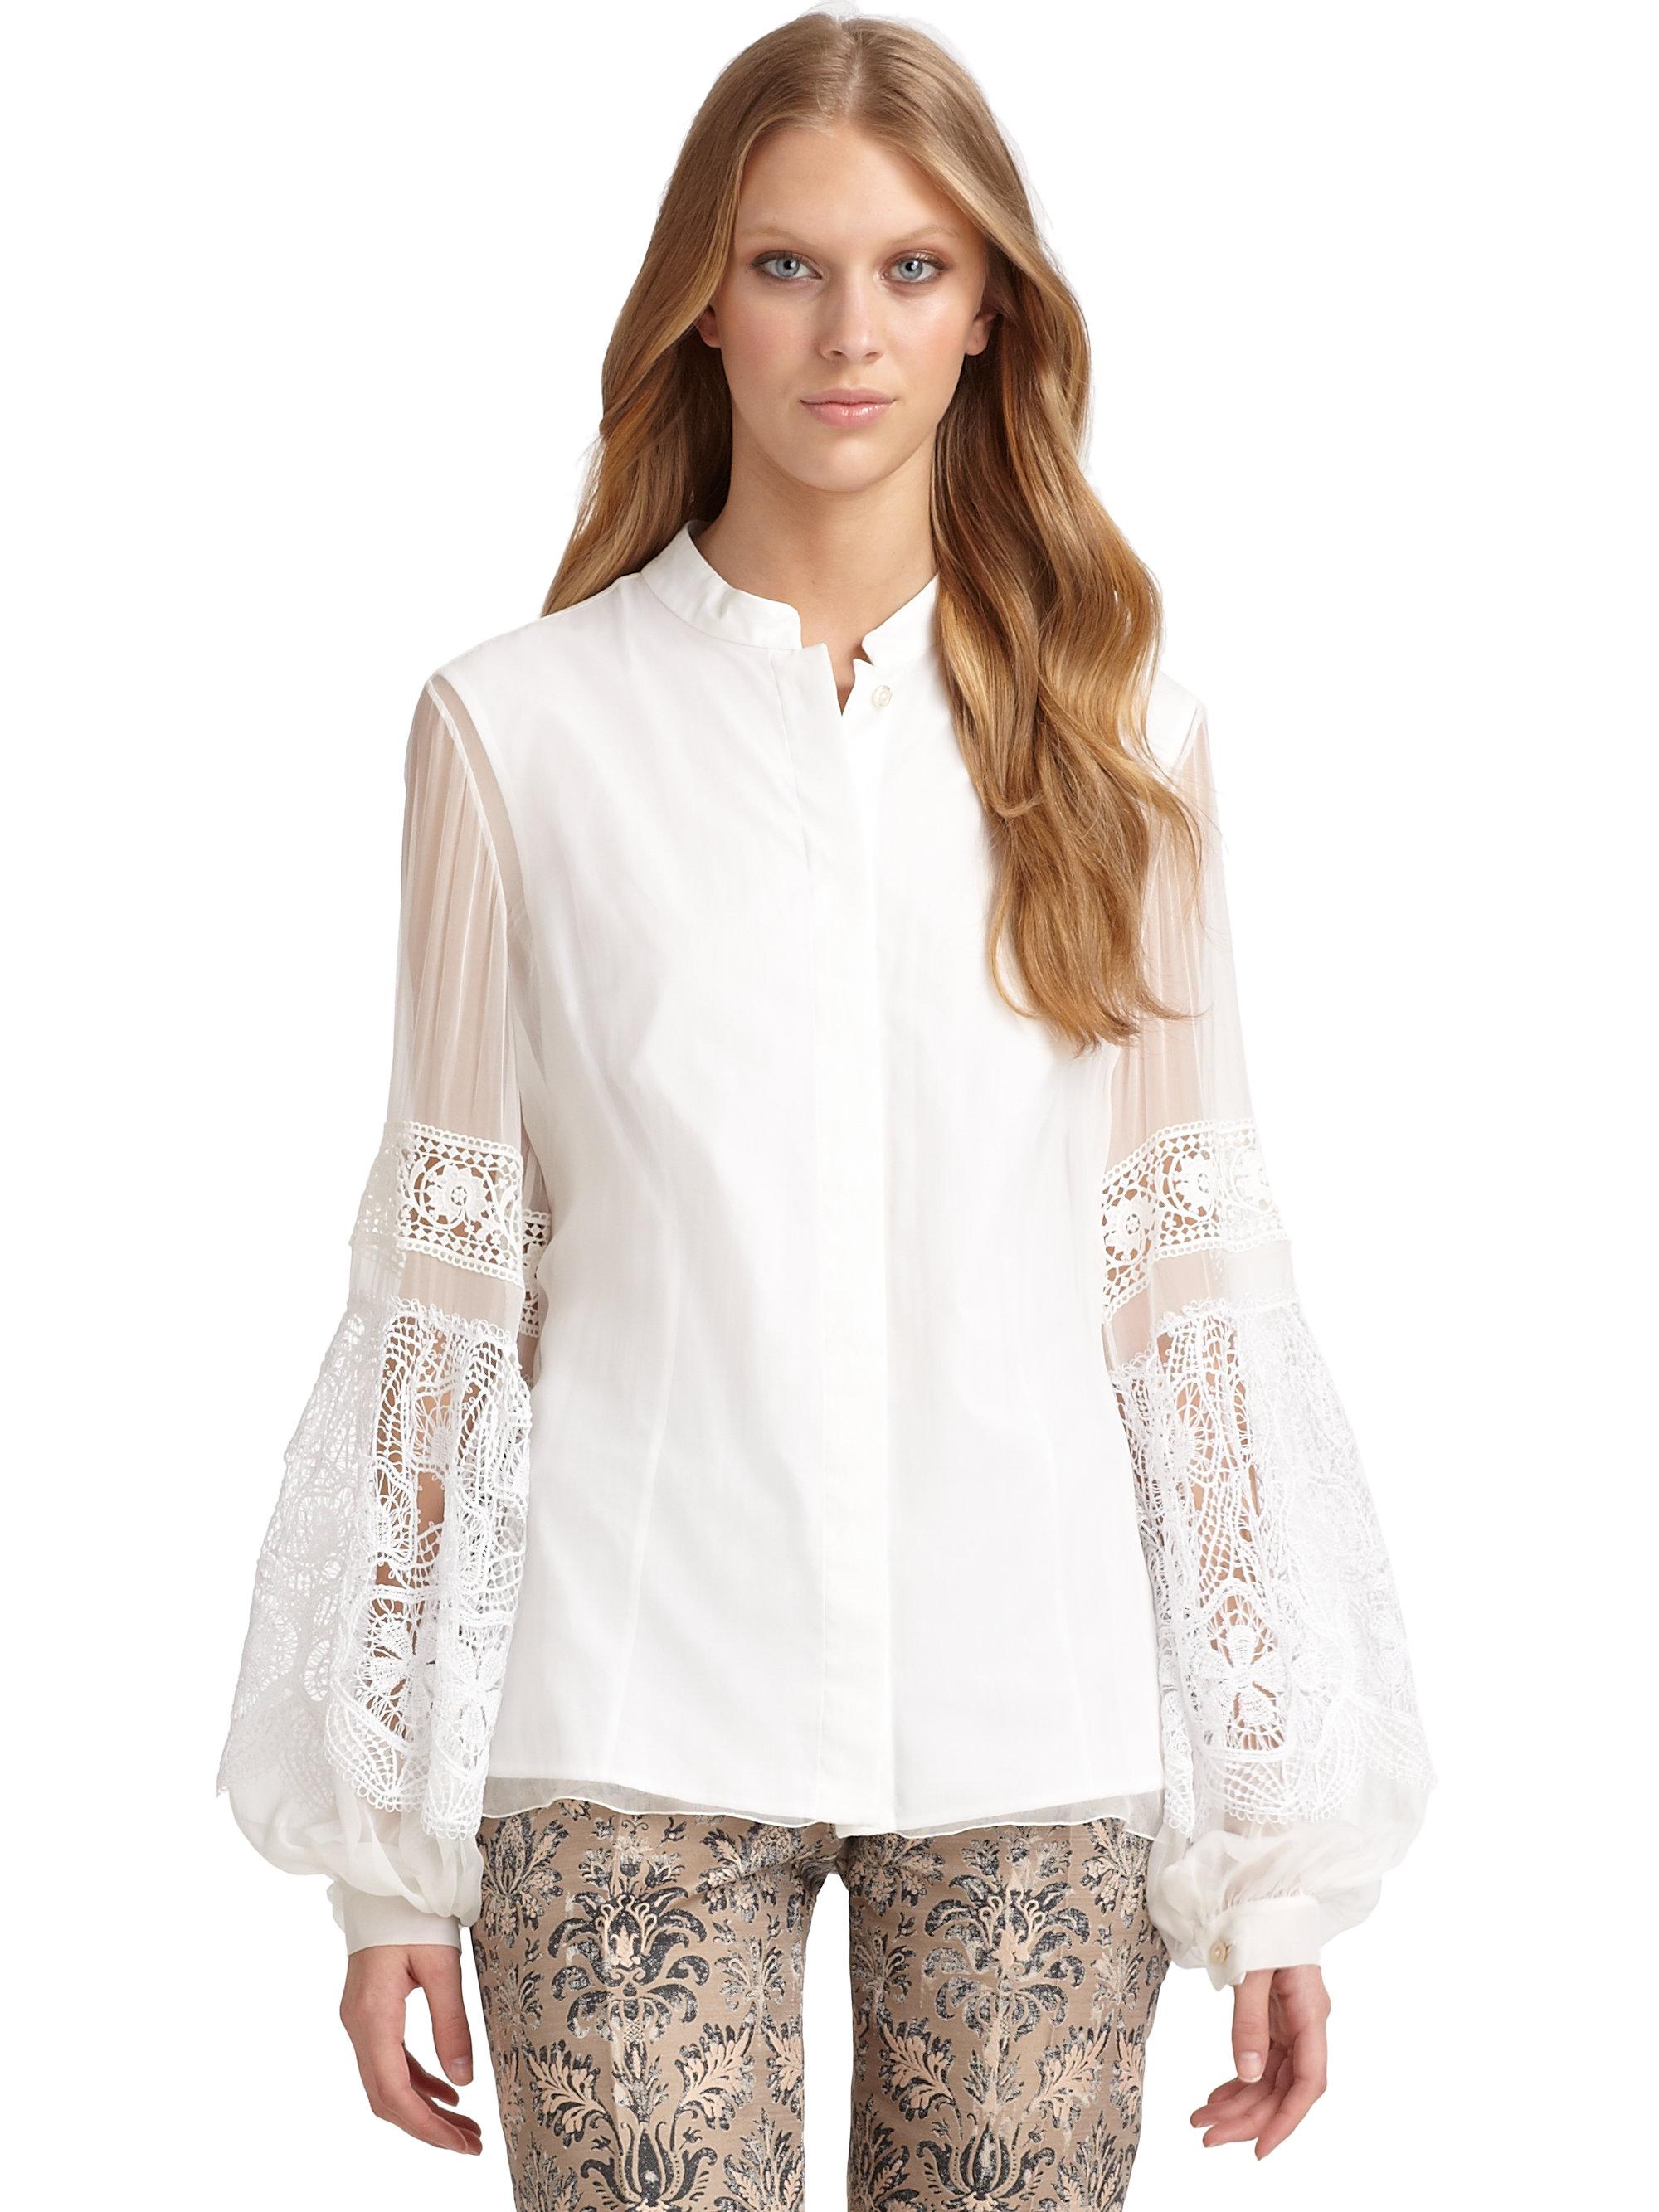 Silk top Alberta Ferretti Visit Cheap Sale Best Store To Get nJIuaaI